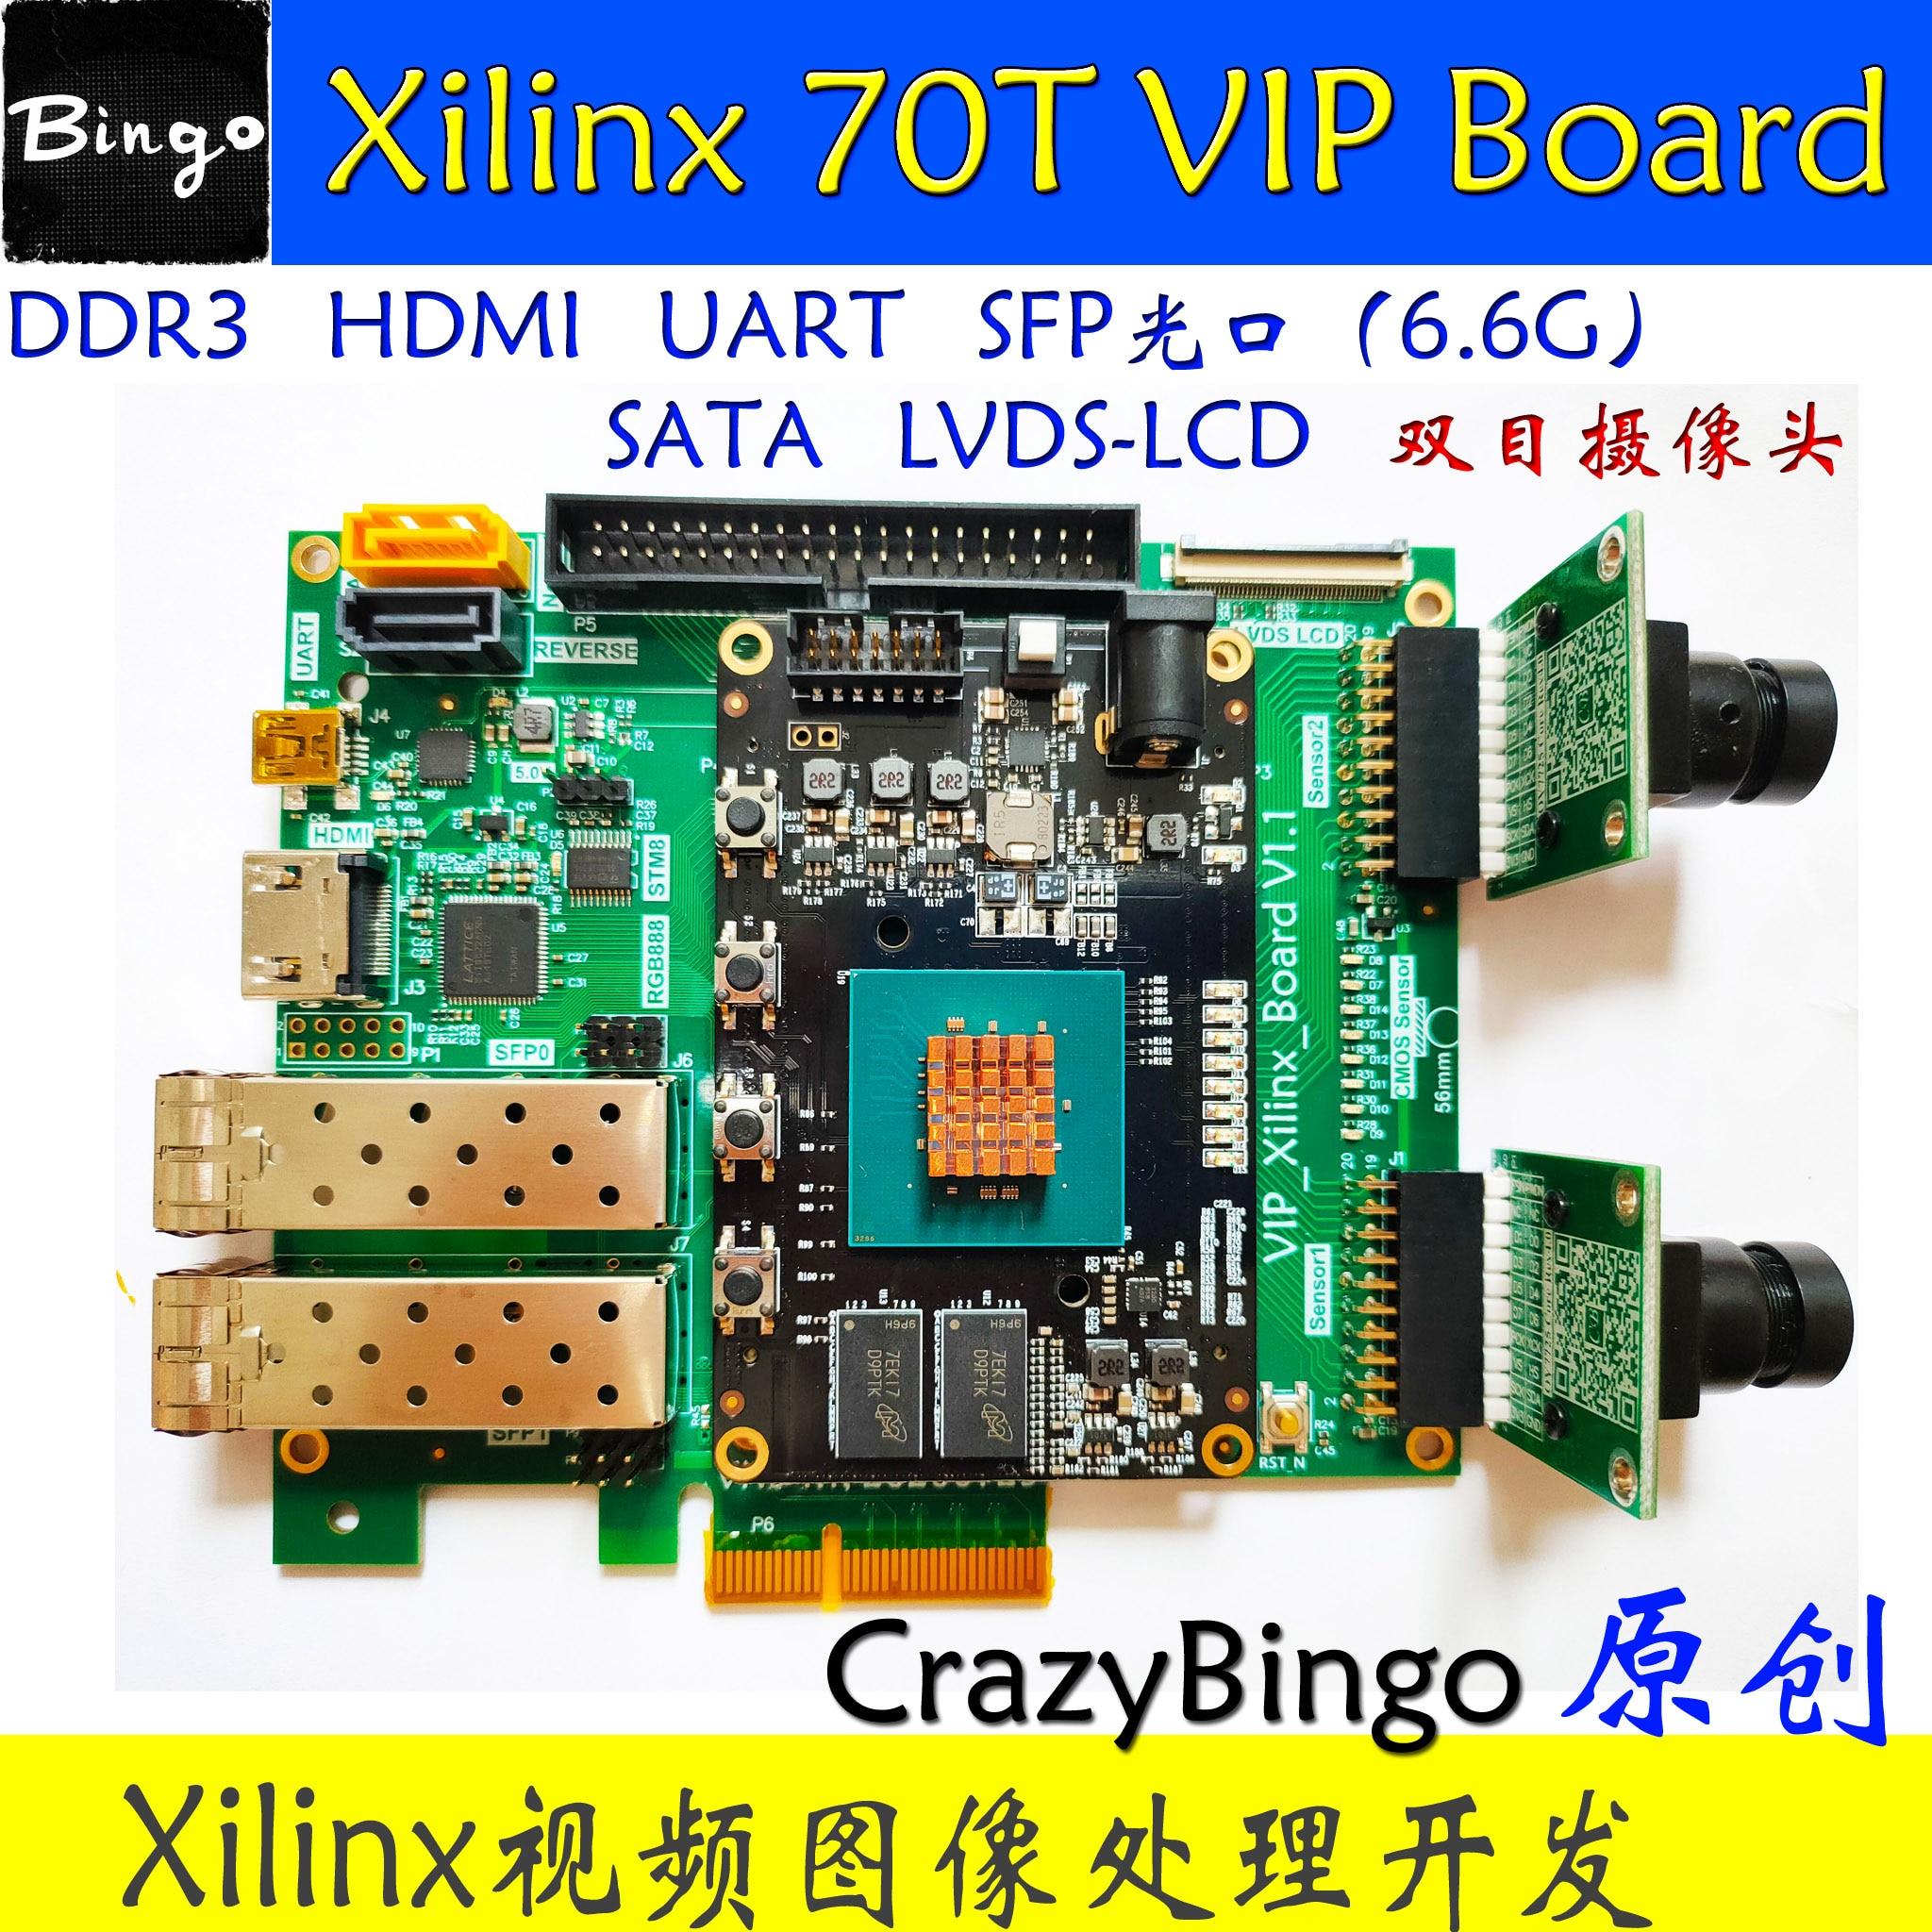 Xilinx 70T VIP _ لوحة توصيل لكاميرا صغيرة أو كبيرة عن طريق USB لوحة تطوير معالجة الصور DDR3 ، SFP ، SATA ، HDMI ، إلخ